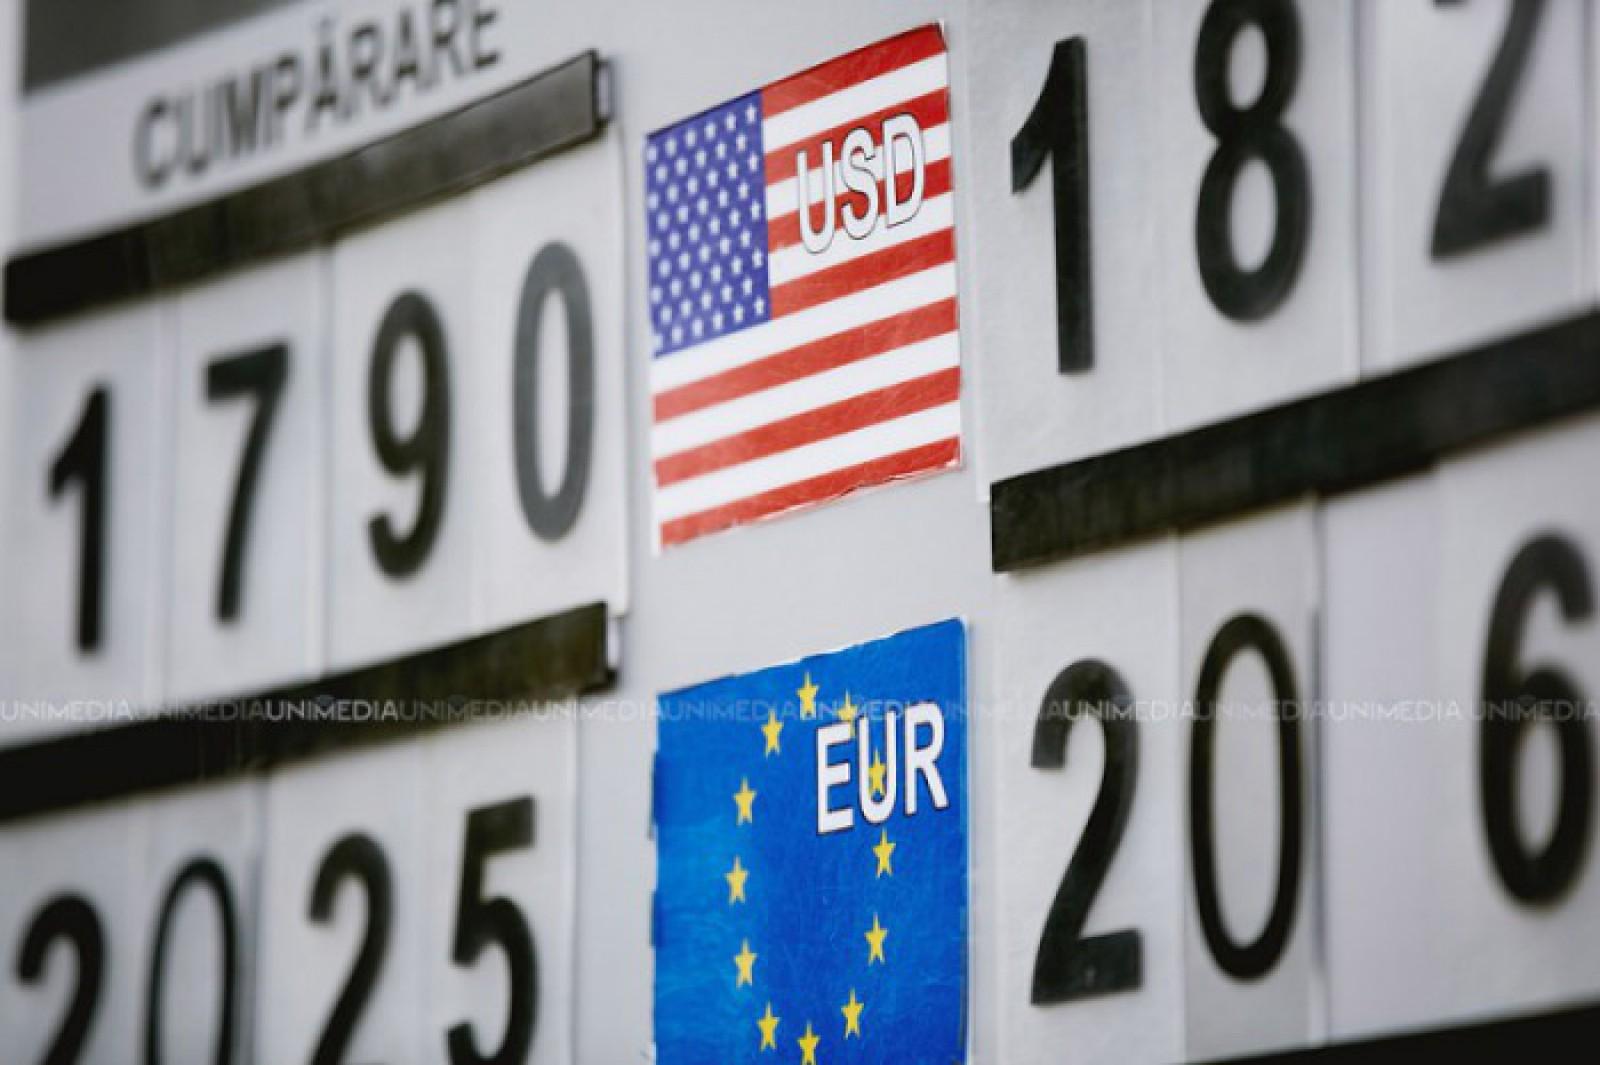 Curs valutar: Euro continuă să prindă putere. Raportul leului moldovenesc față de principalele valute de referință